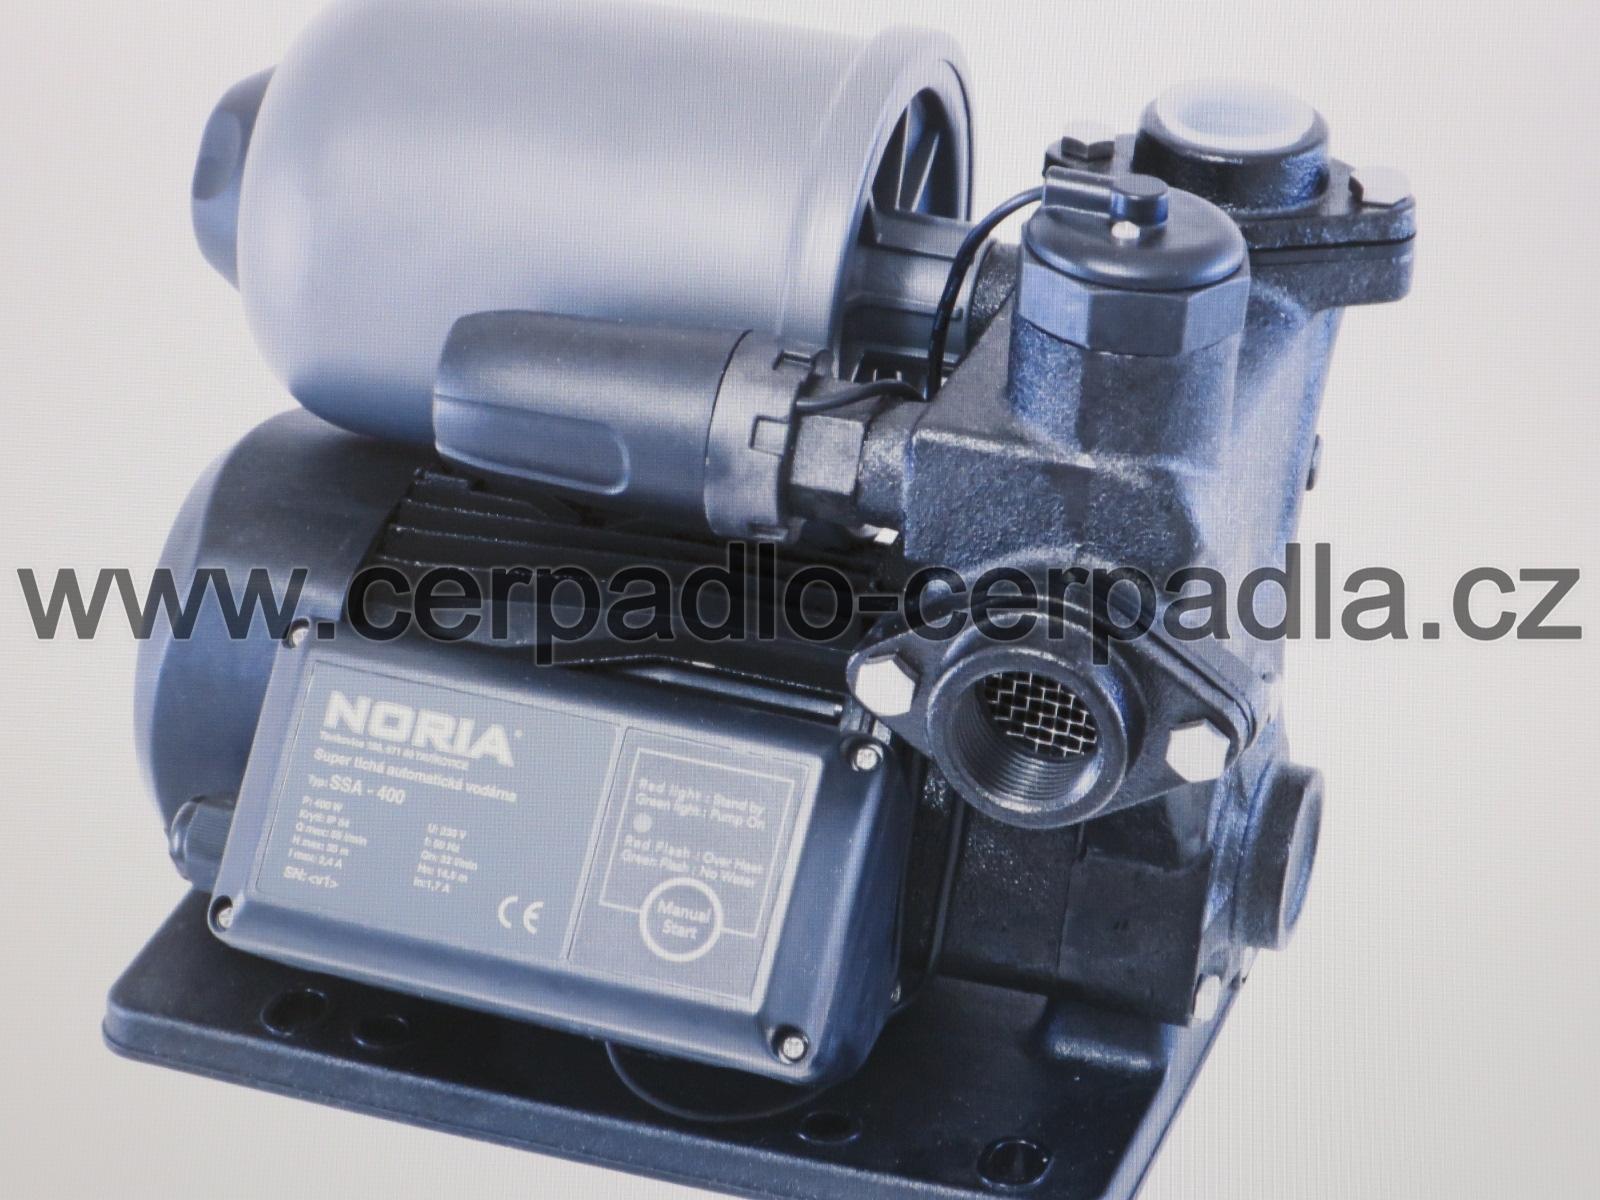 SSA-400, automatická vodárna NORIA, 230V (super tichá automatická vodárna, SSA-400, záruka 3 roky, DOPRAVA ZDARMA)